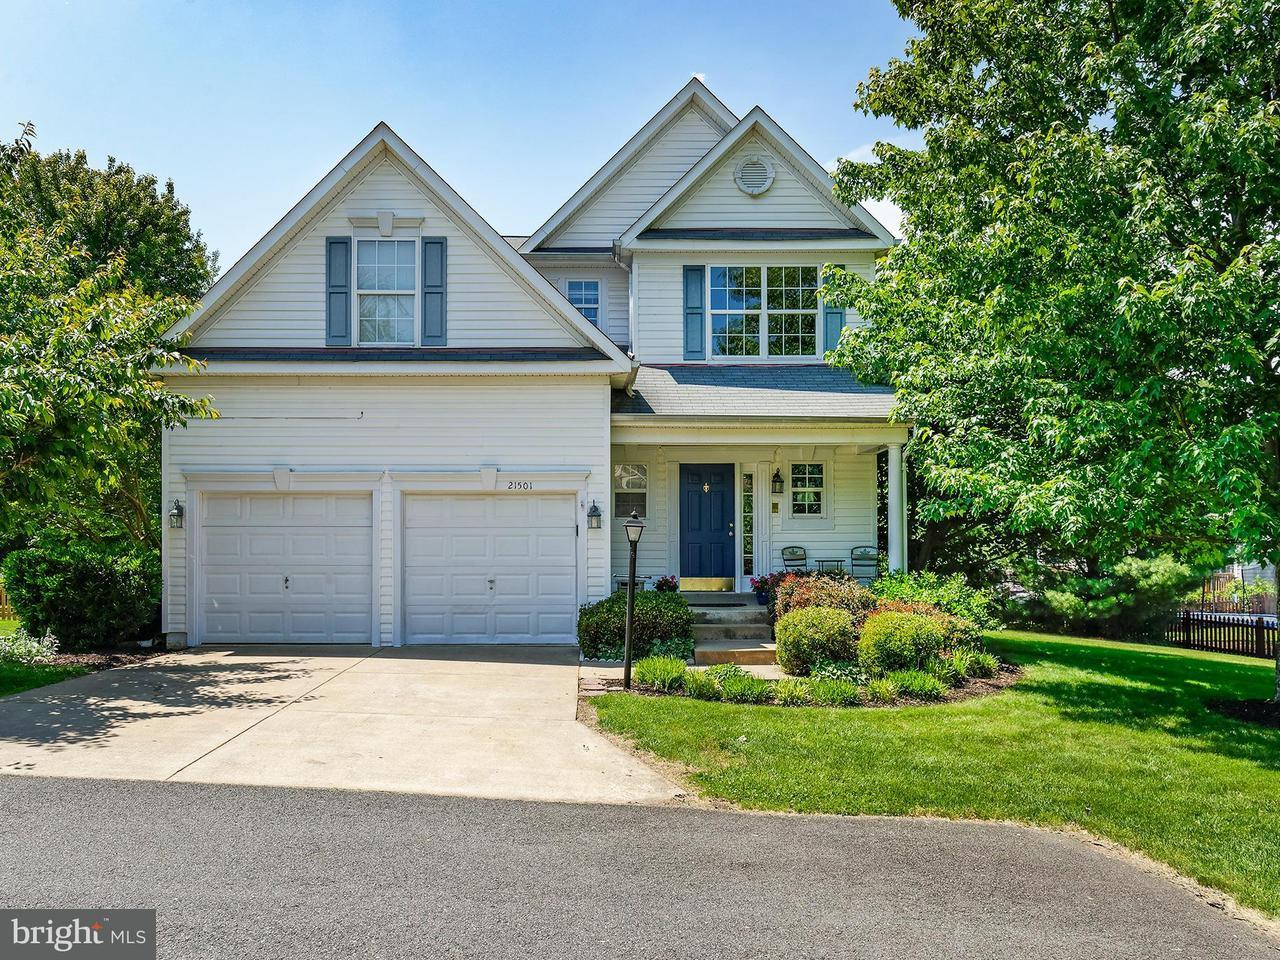 独户住宅 为 销售 在 21501 THORNHILL Place 21501 THORNHILL Place Broadlands, 弗吉尼亚州 20148 美国